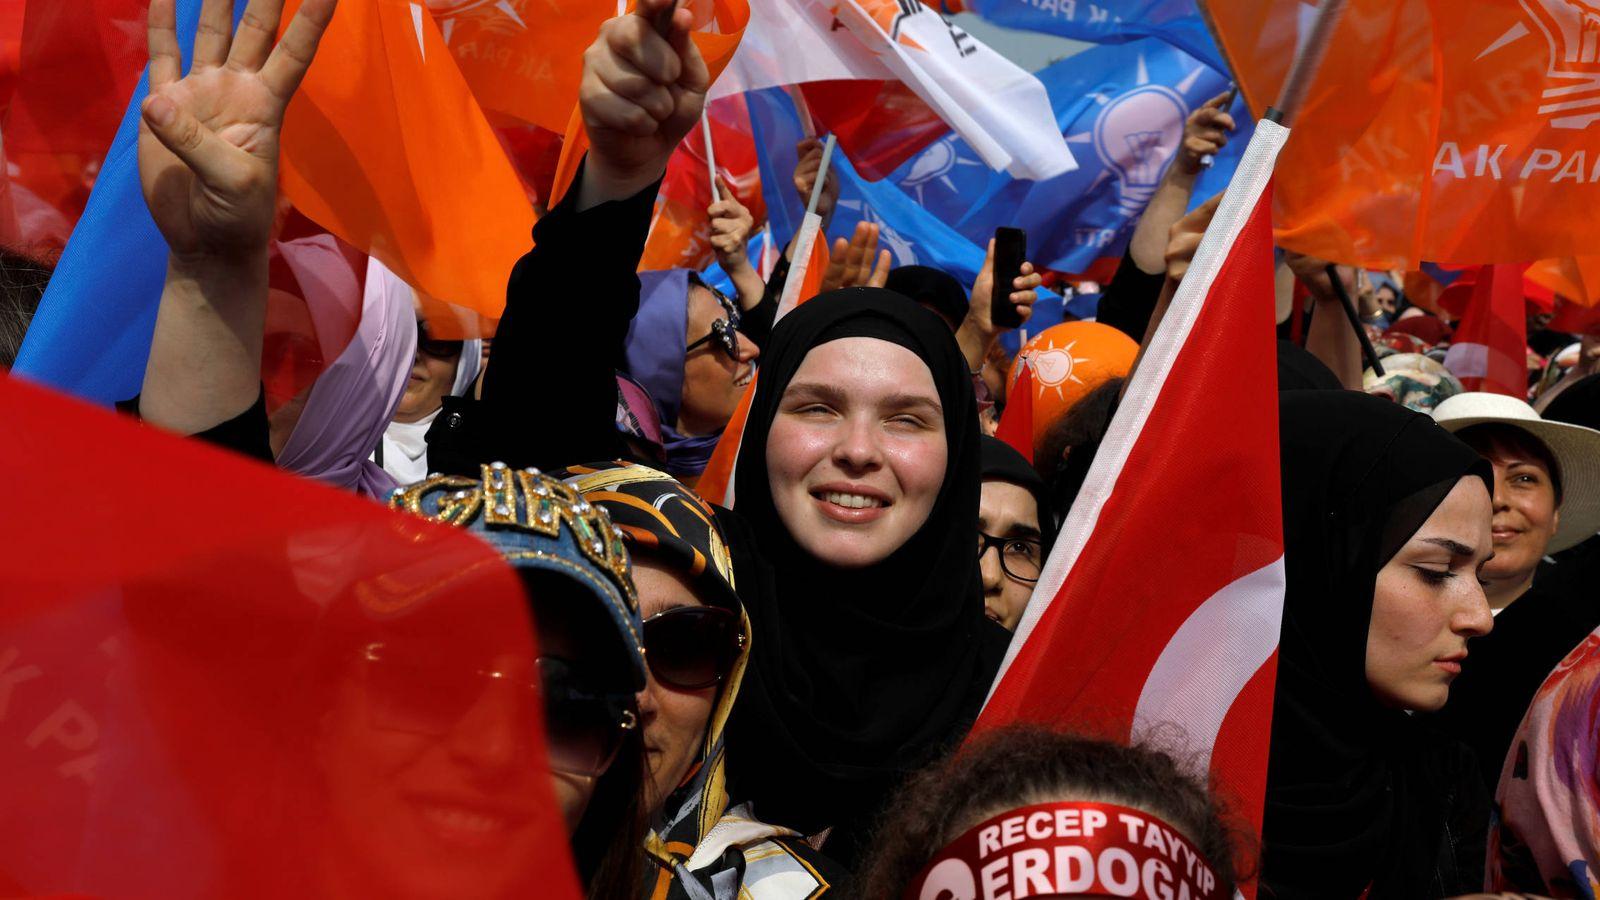 Foto: Simpatizantes del presidente Erdogan durante un mitin electoral en Estambul, el 22 de junio de 2018. (Reuters)